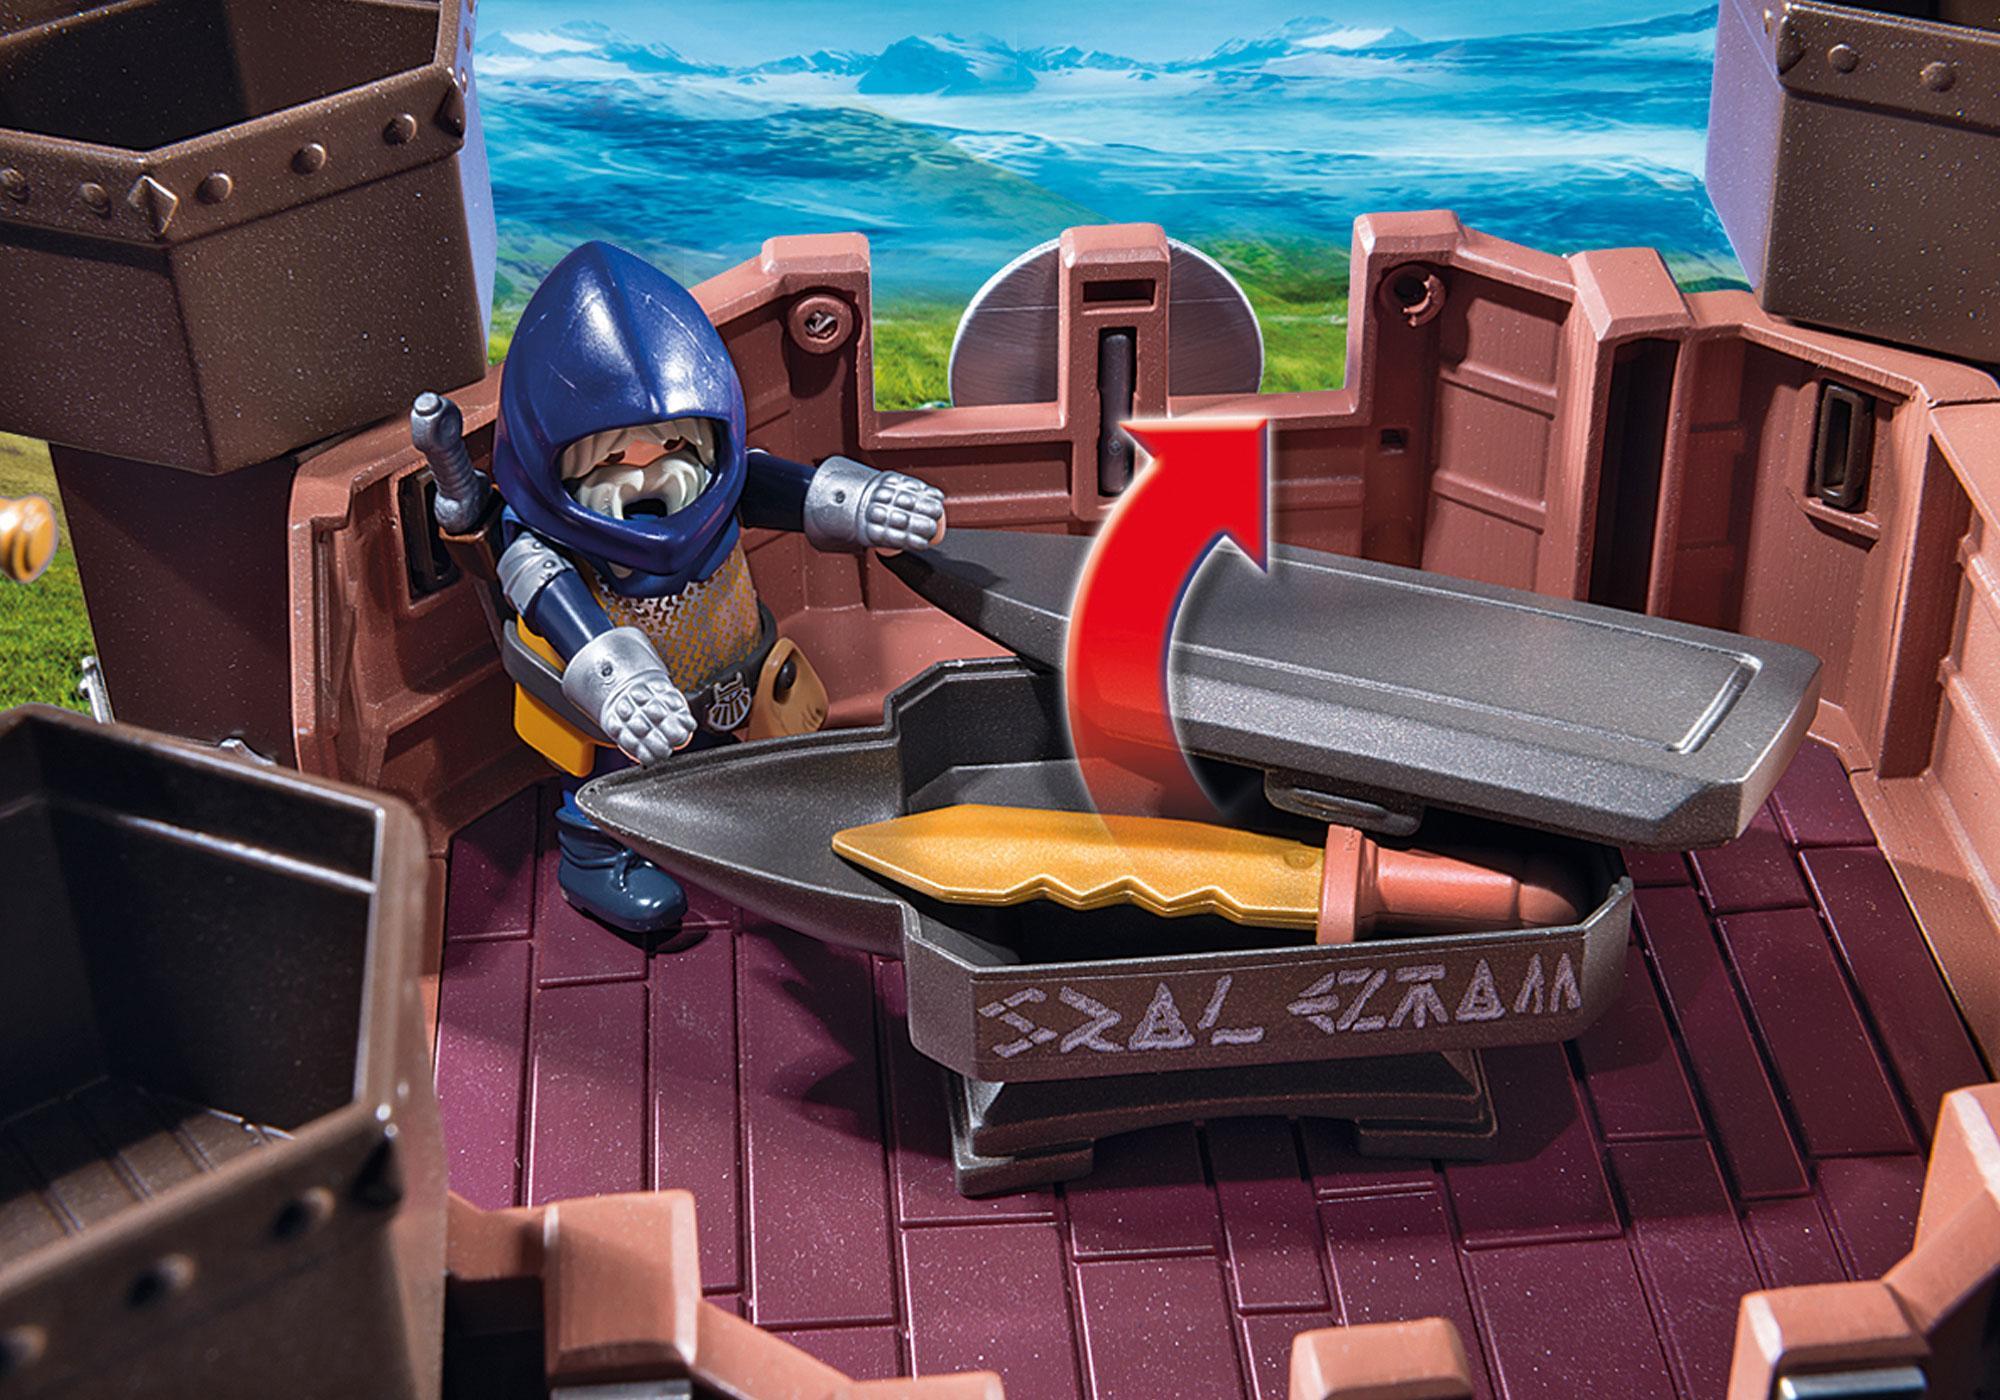 http://media.playmobil.com/i/playmobil/9340_product_extra5/Πολιορκητικός Πύργος Νάνων